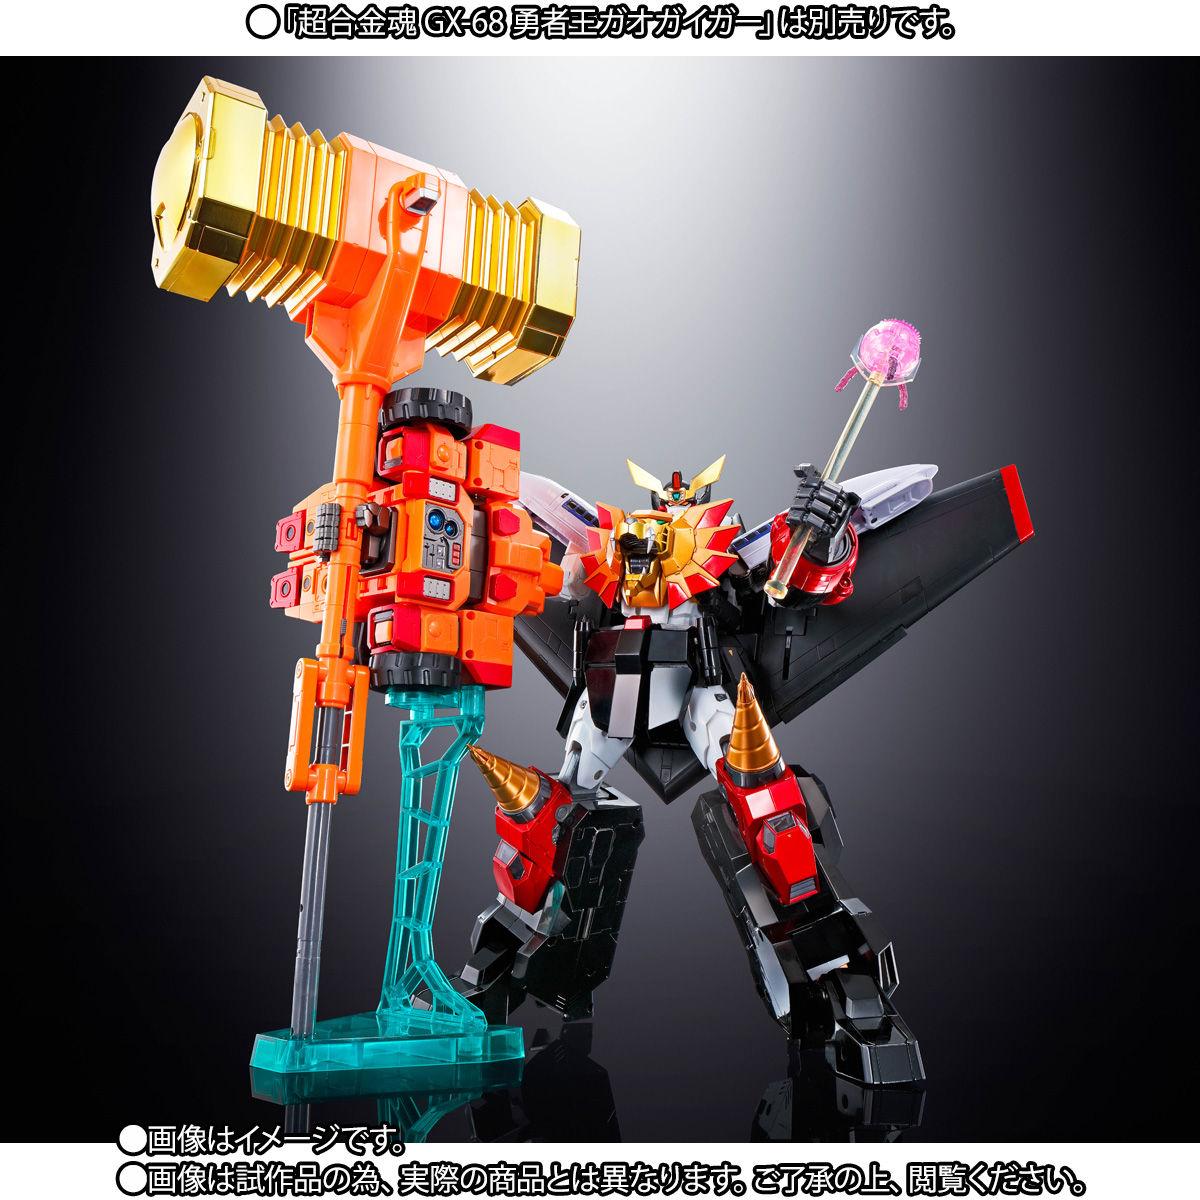 【限定販売】超合金魂『GX-69R ゴルディーマーグ【究極の勇者王Ver.】』可動フィギュア-005